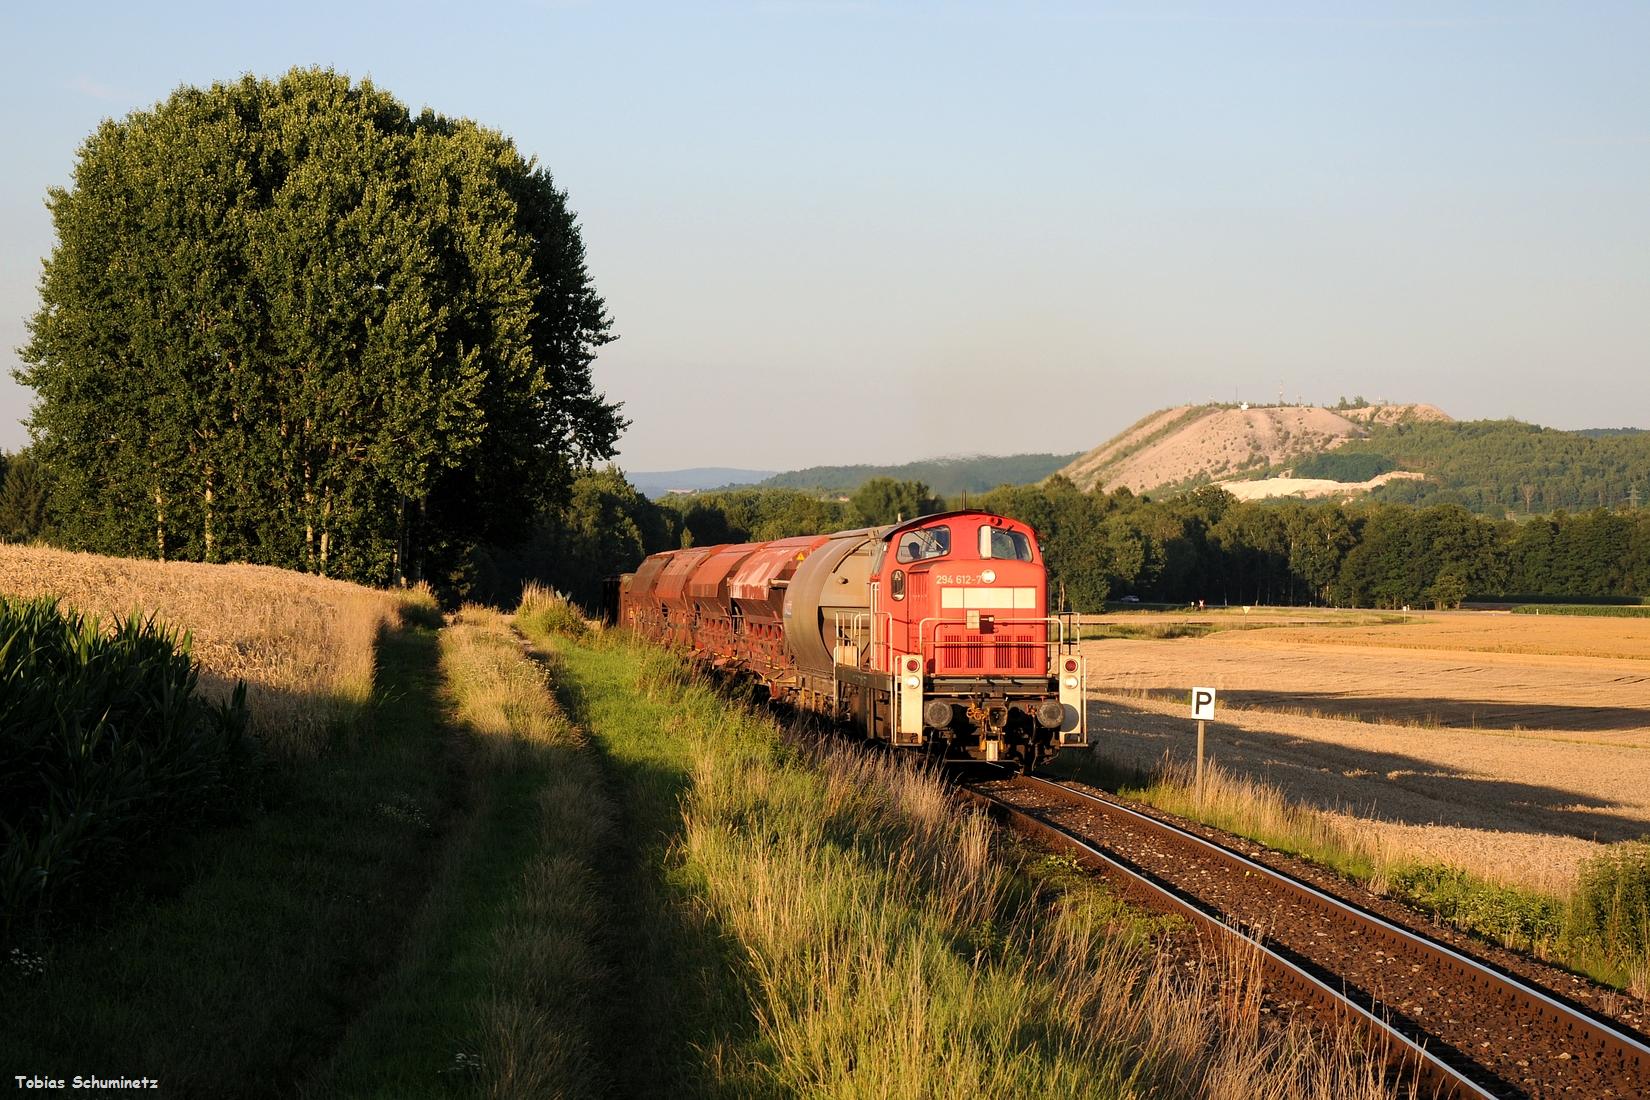 Das Hauptmotiv sah dann genau so aus, wie ich es mir vorgestellt habe! Links die Bäume, rechts den Monte Kaolino und in der Mitte den Zug. Für heuer mein Lieblingsbild der Abendübergabe.